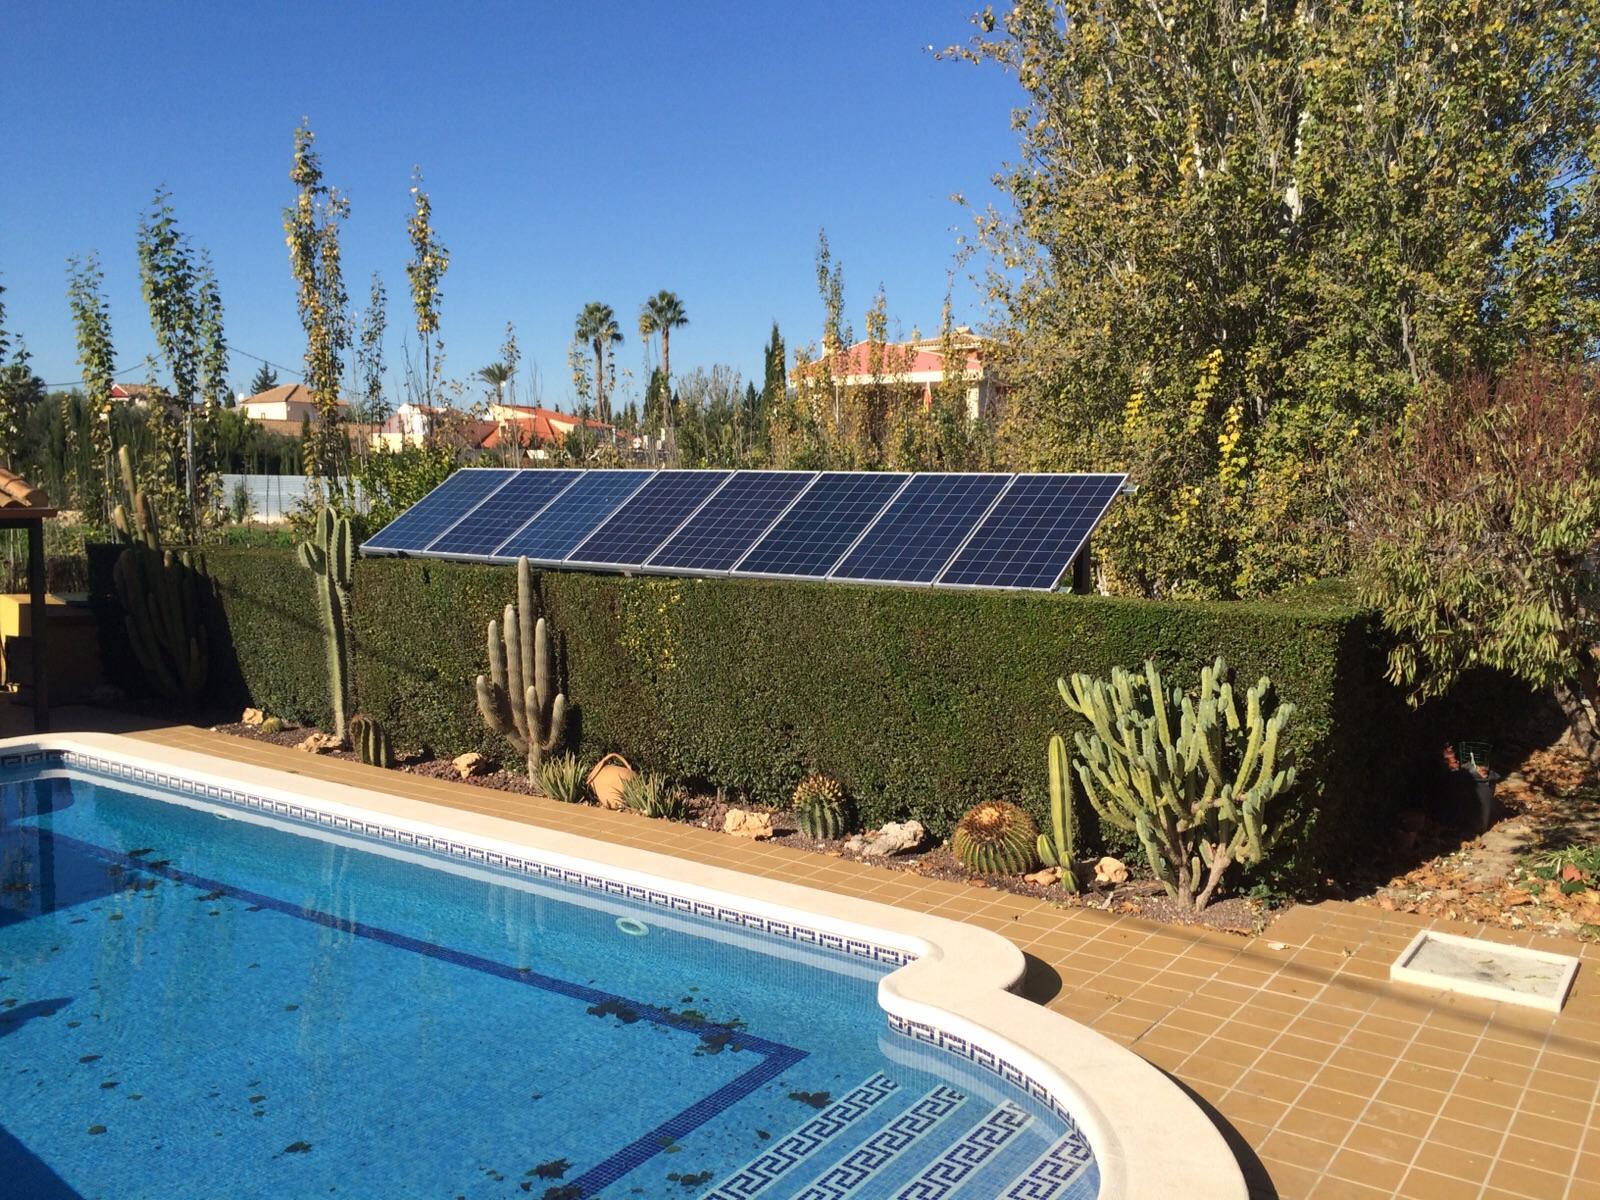 Fotovoltaica para no pagar facturas de luz agua for Alberca para riego